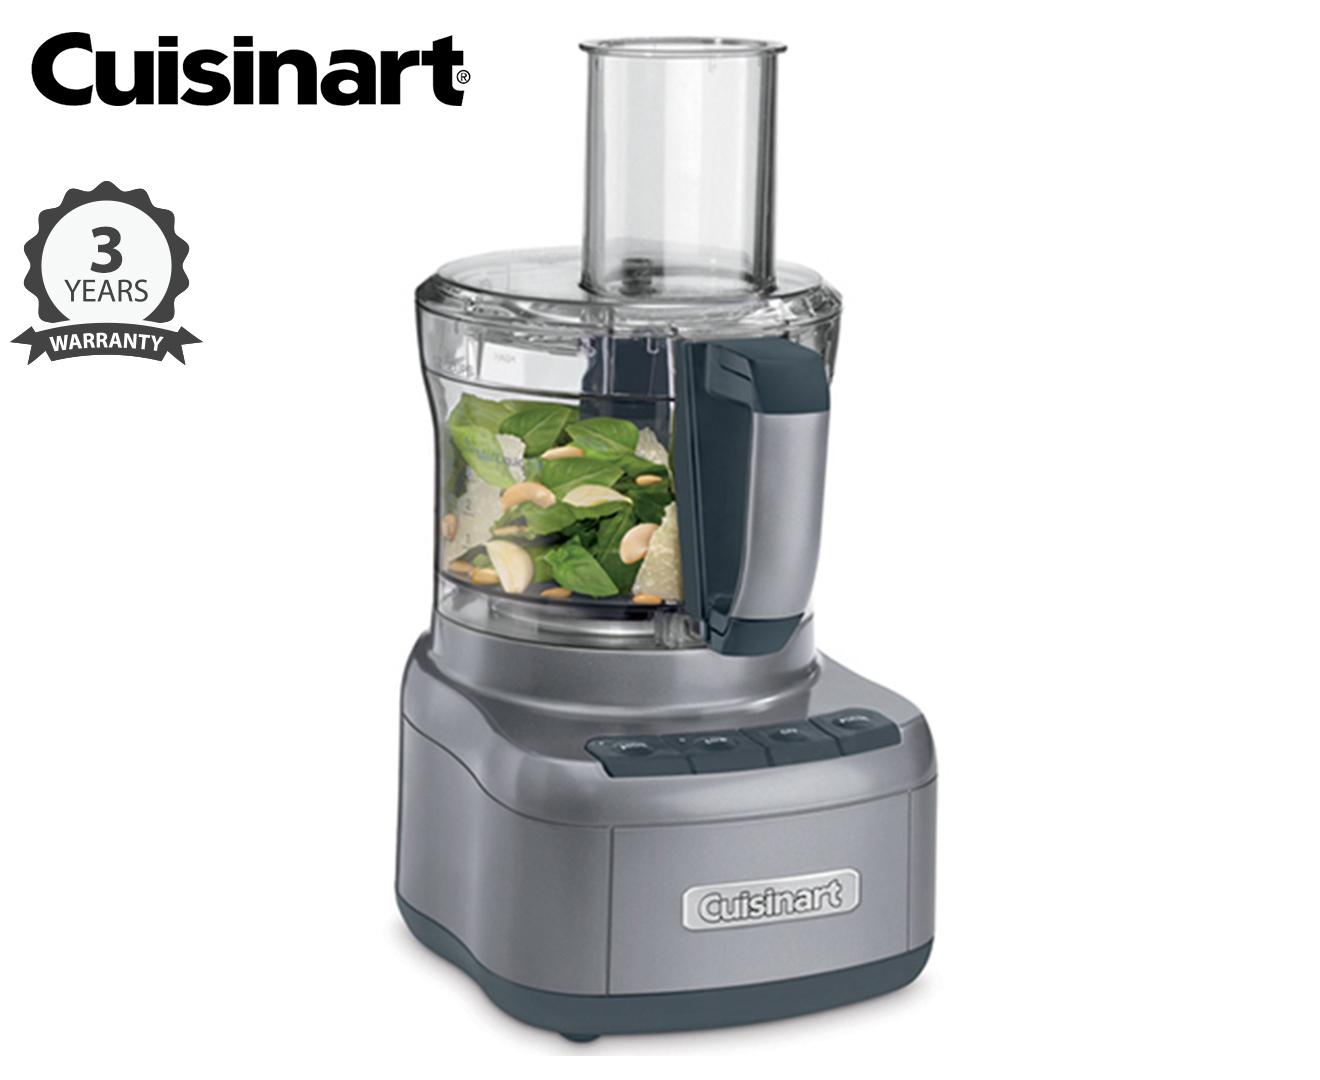 Cuisinart 8-Cup Food Processor | Catch.com.au